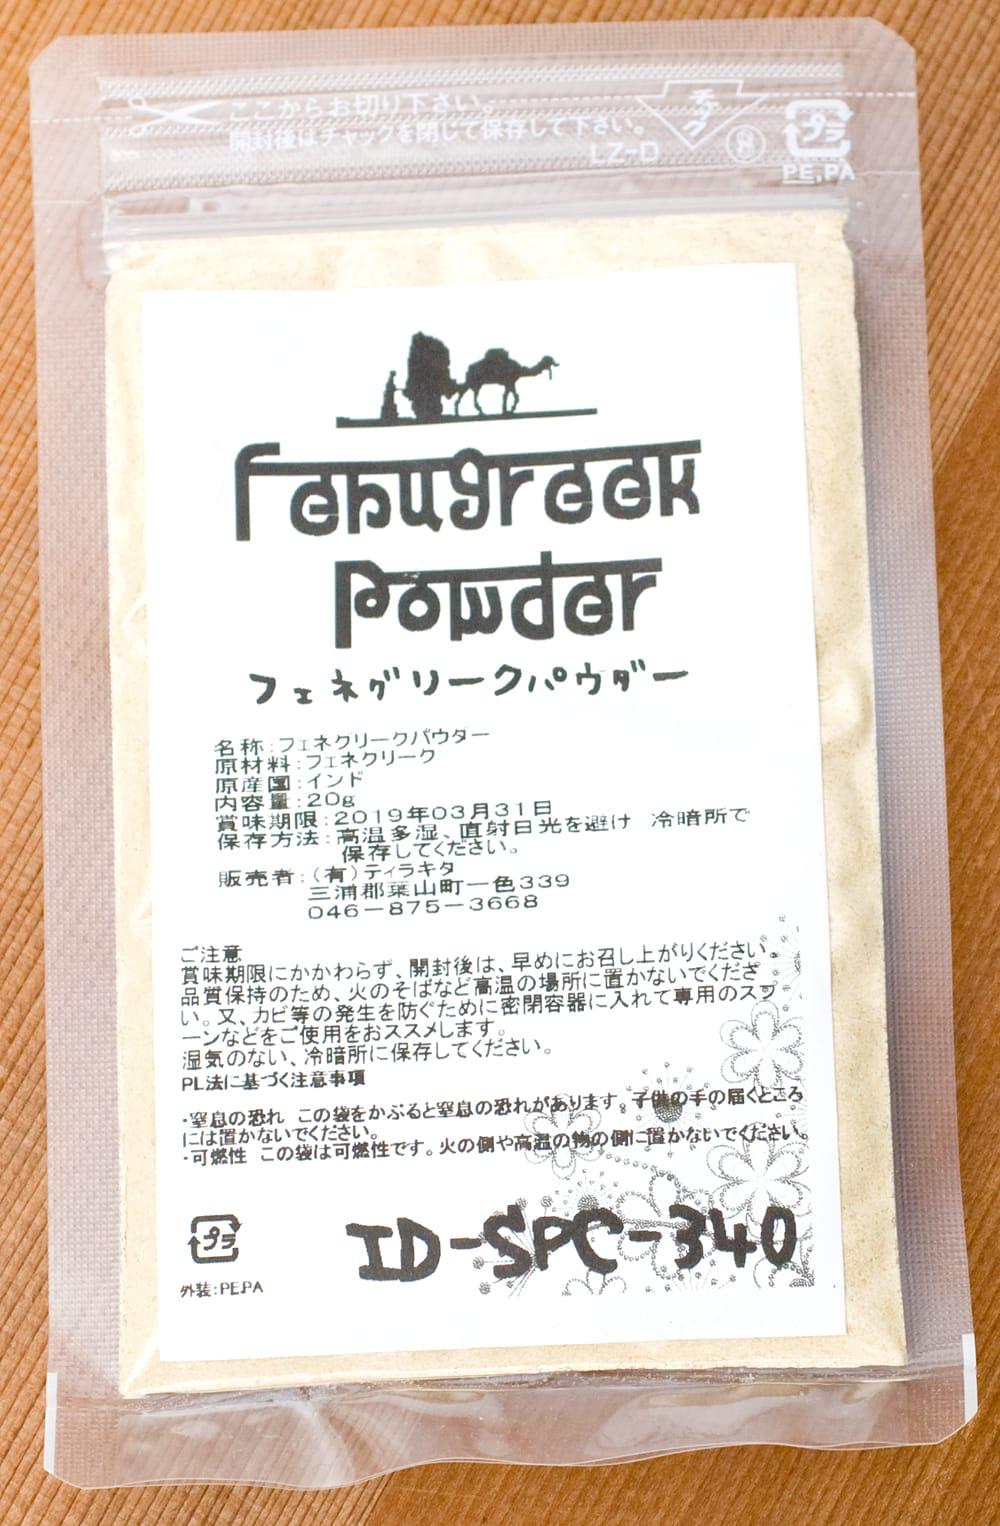 フェヌグリーク パウダー - Fenugreek Powder 【20gパック】 3 - パッケージはこのようになっています。